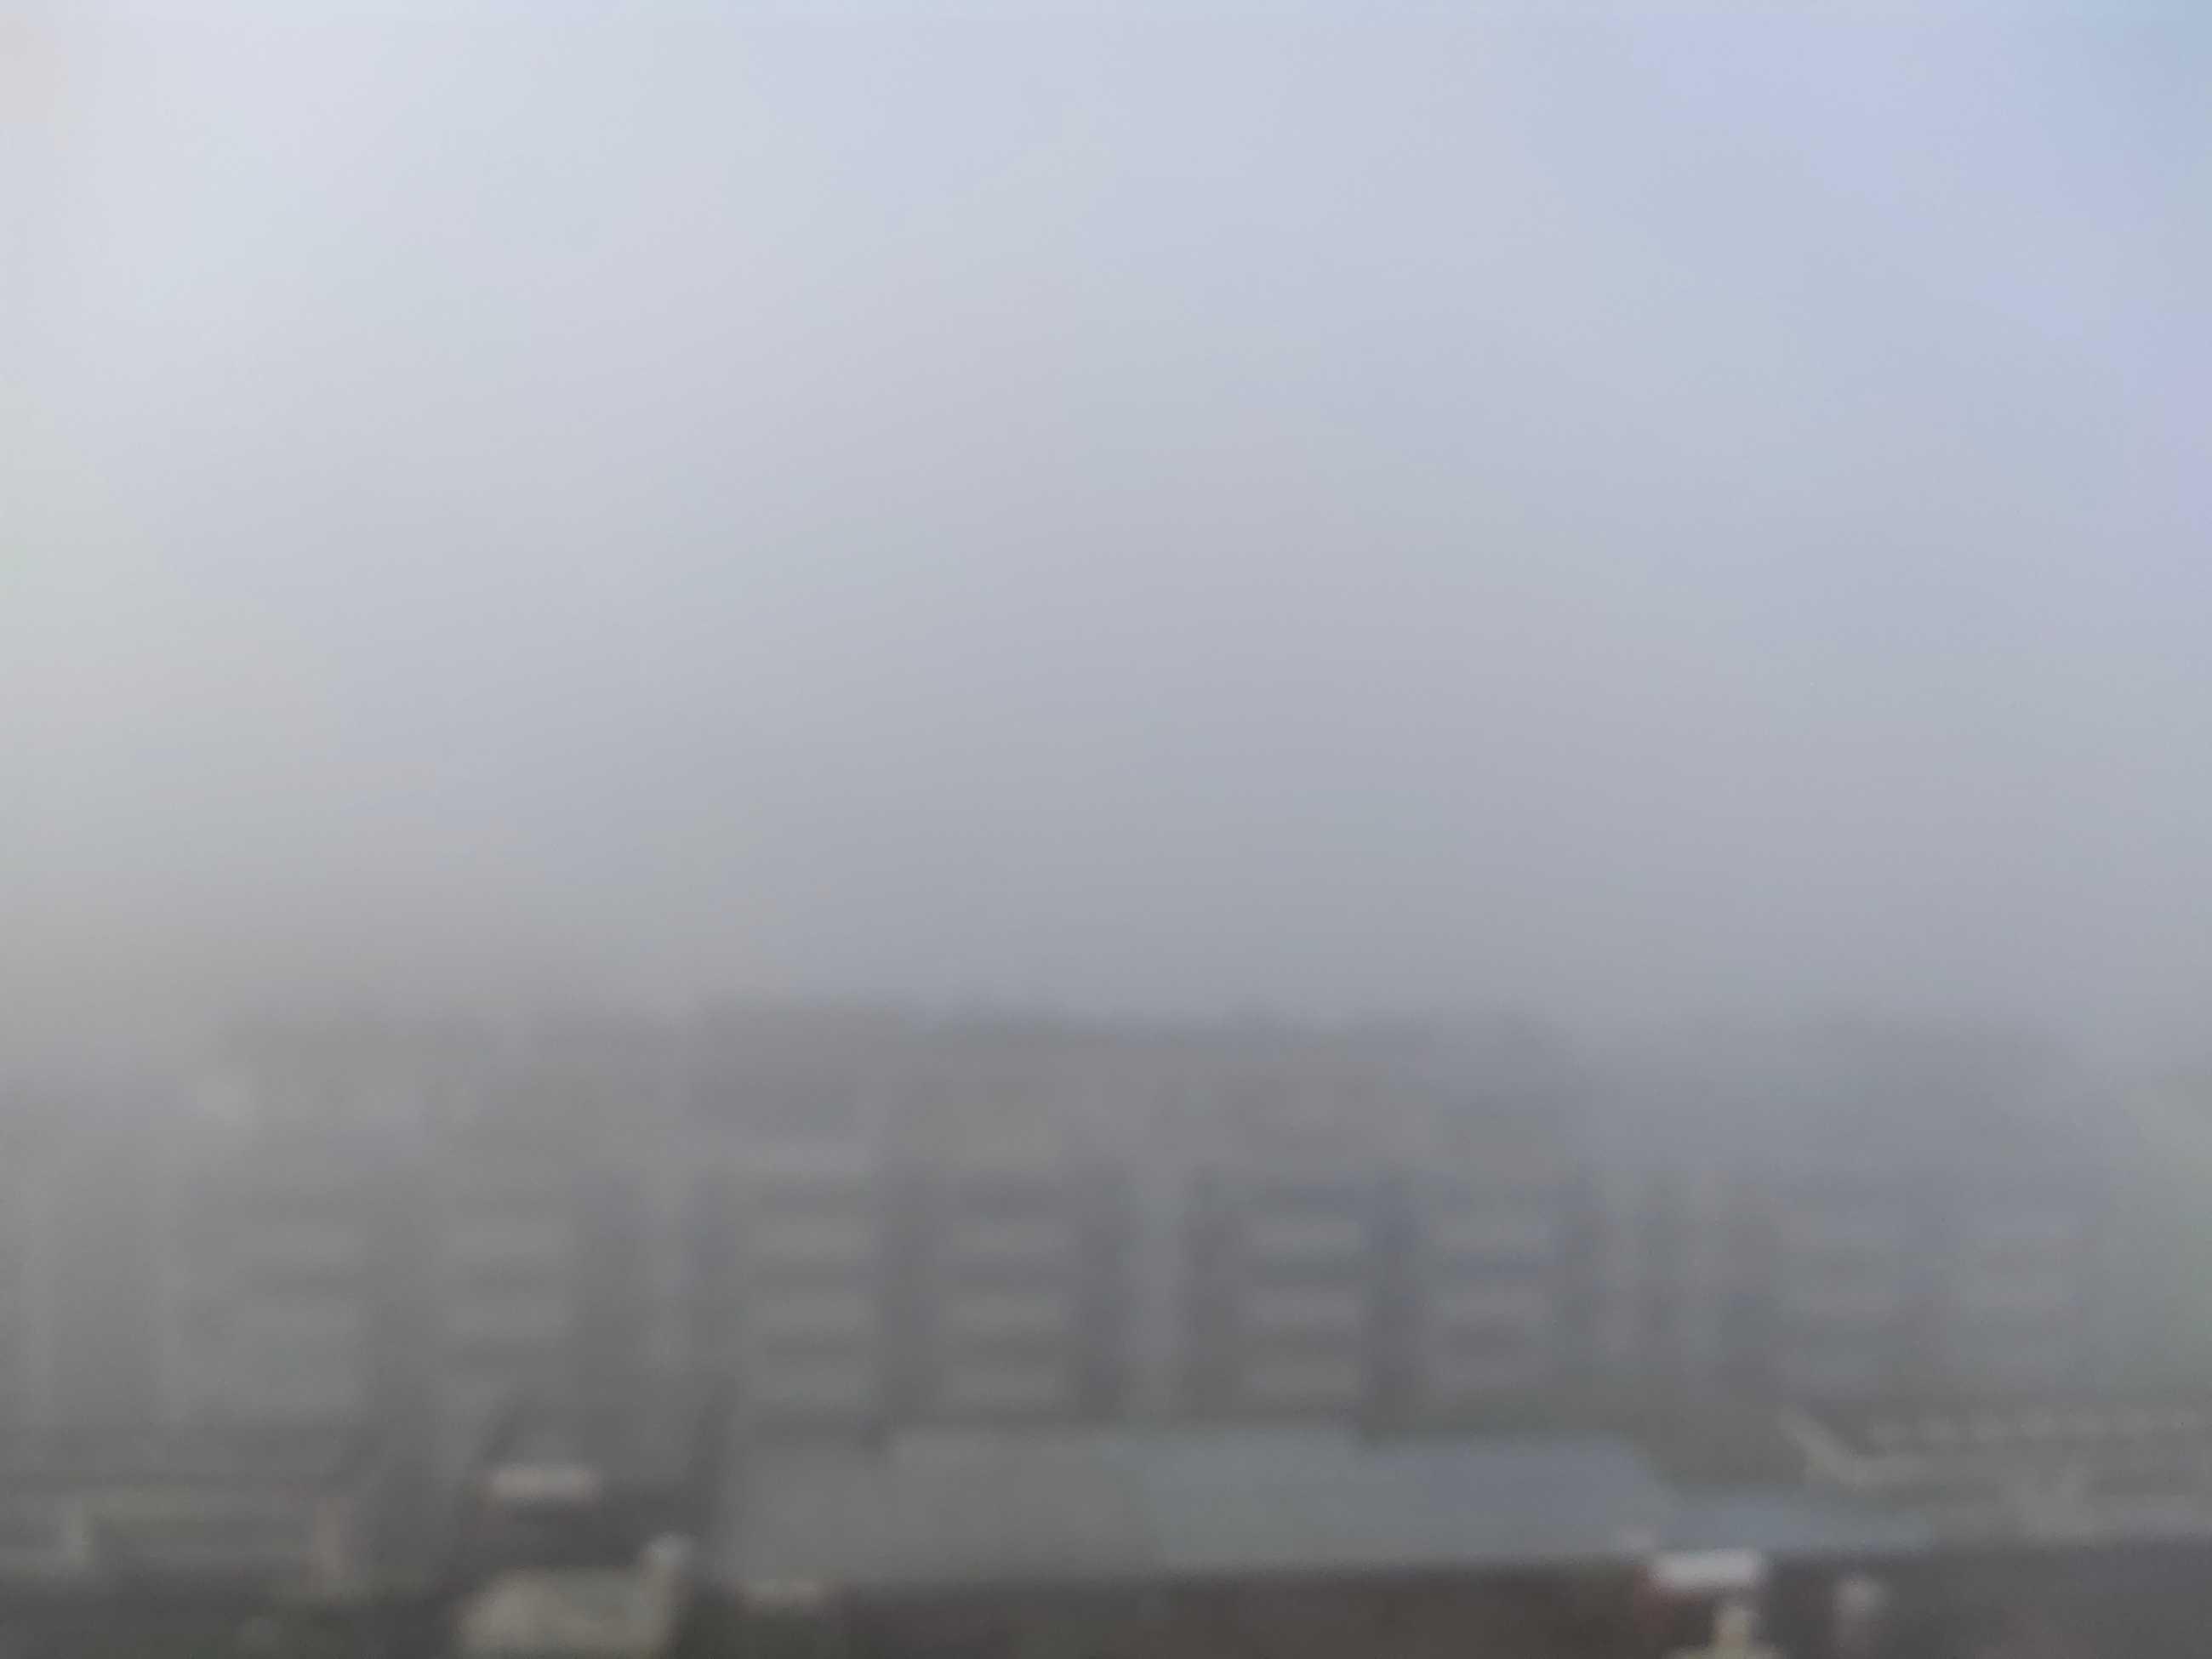 雾天+雨天一起来了,在庐山市这些你一定要注意!